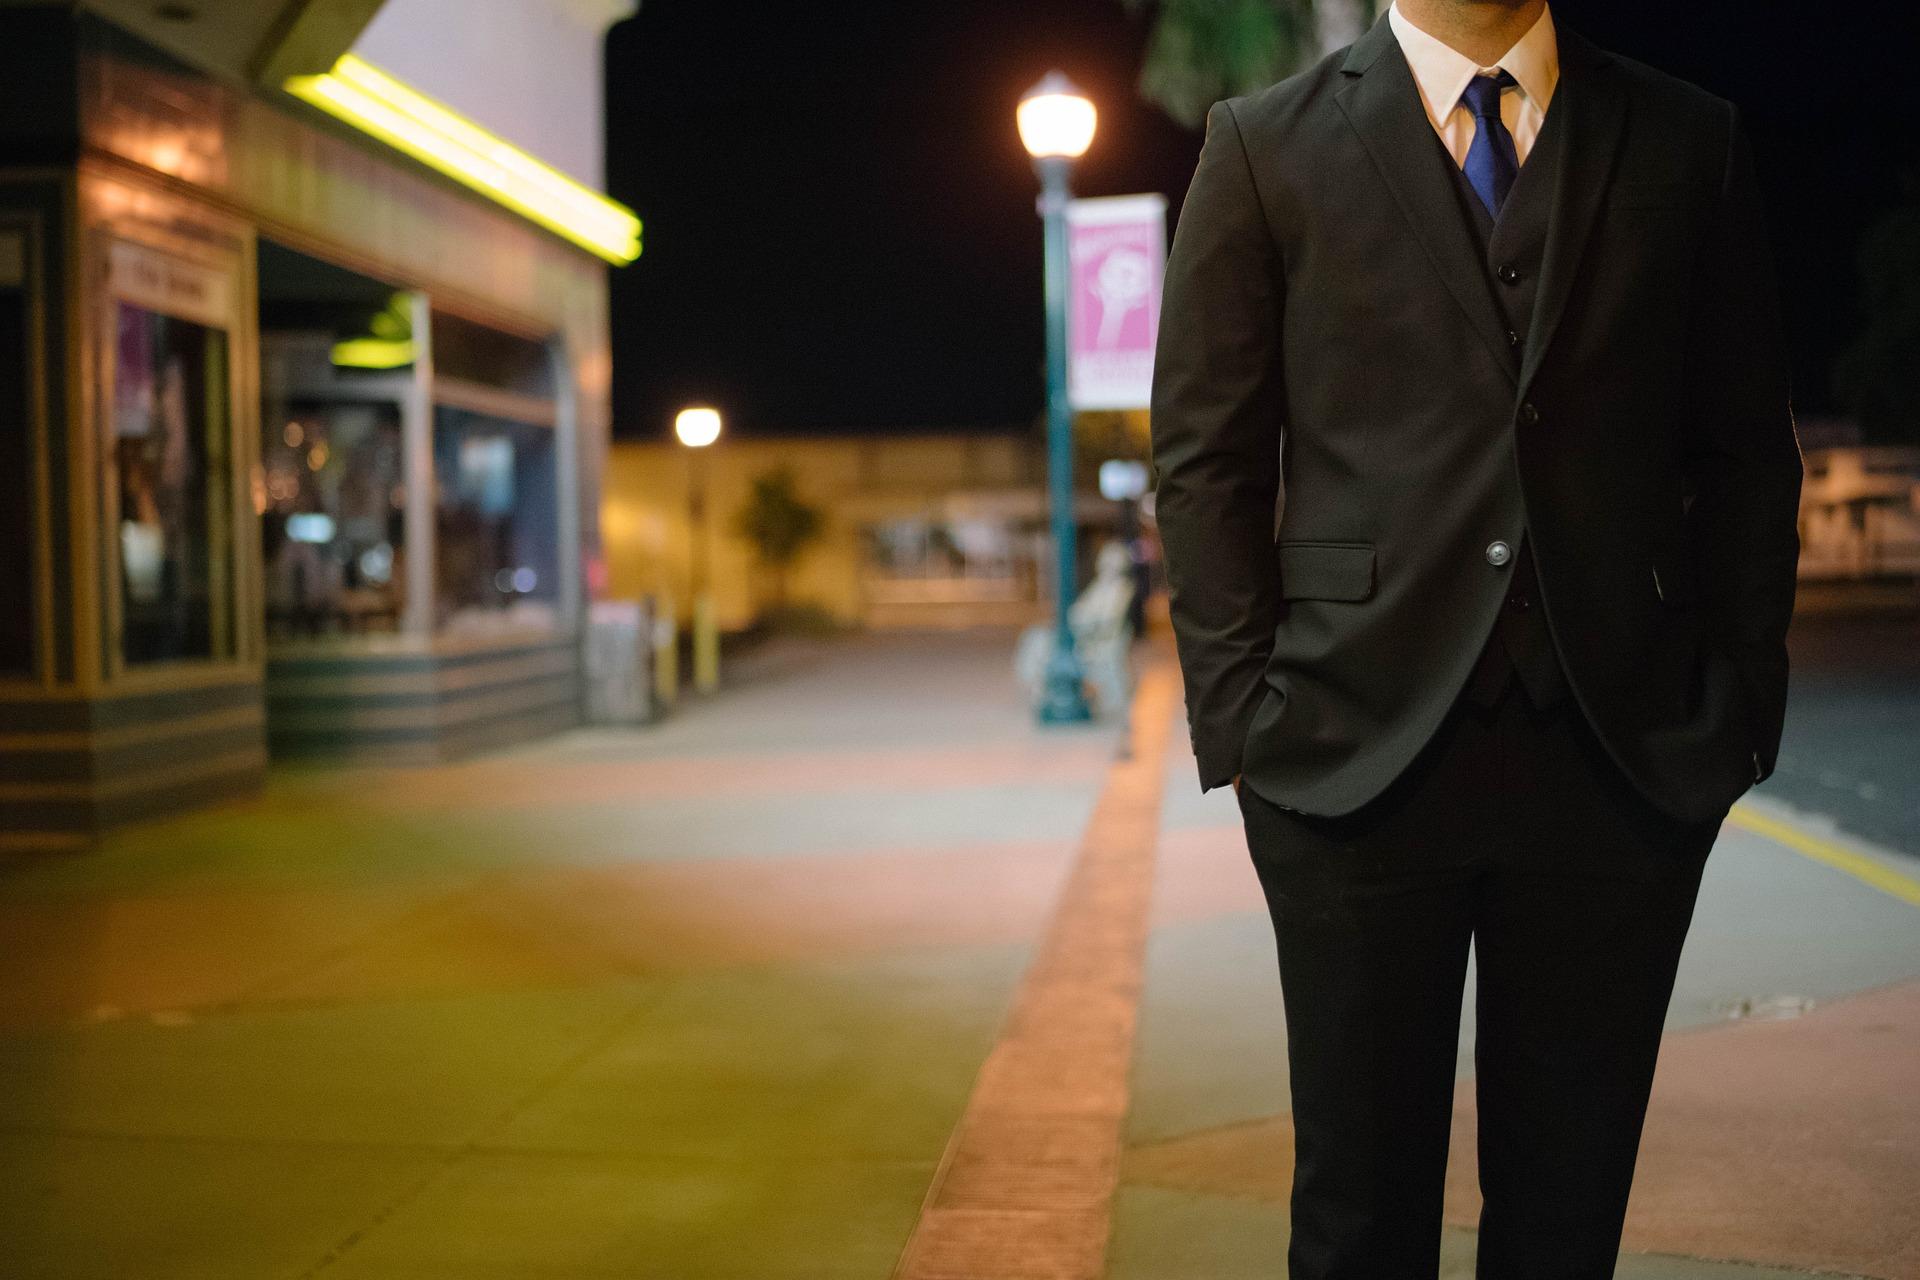 candidato a selección laboral, entrevista de trabajo, trabajador, calle, noche, traje de paño, corbata.